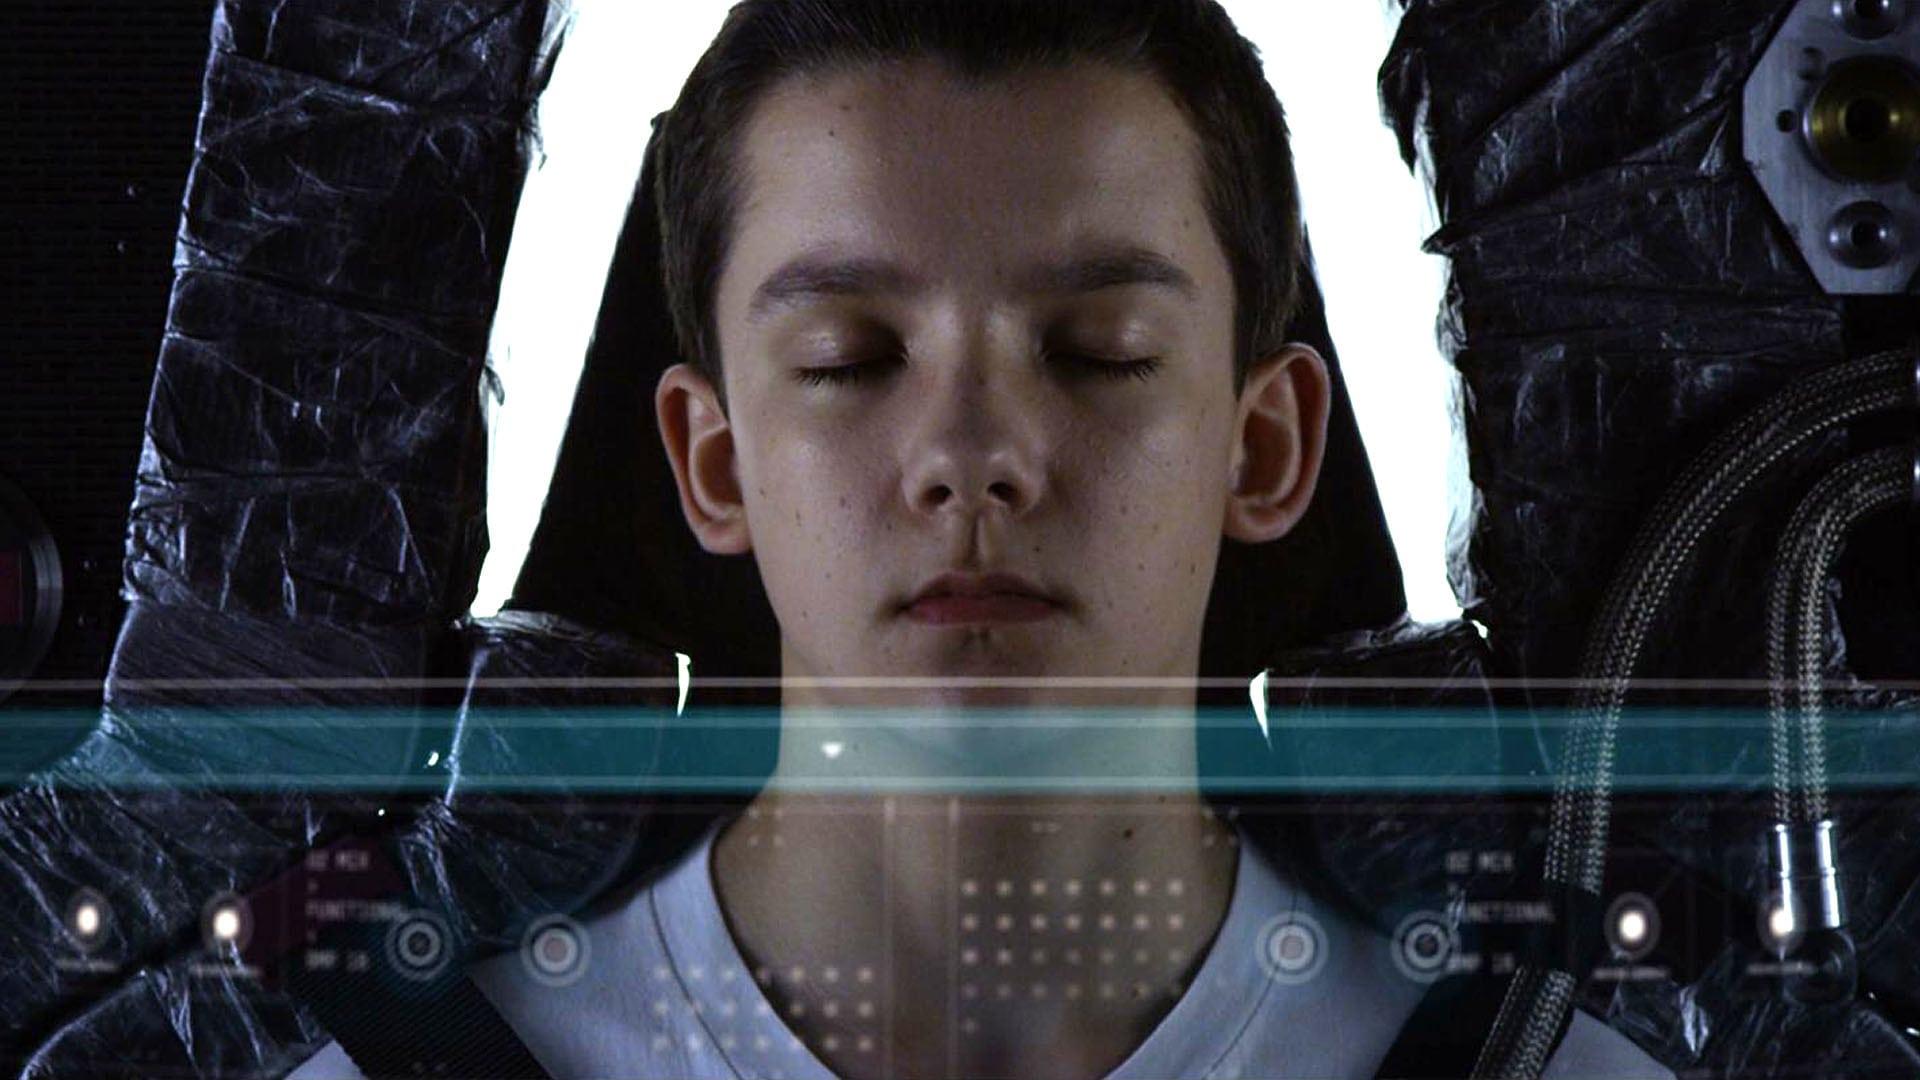 Ender's Game backdrop